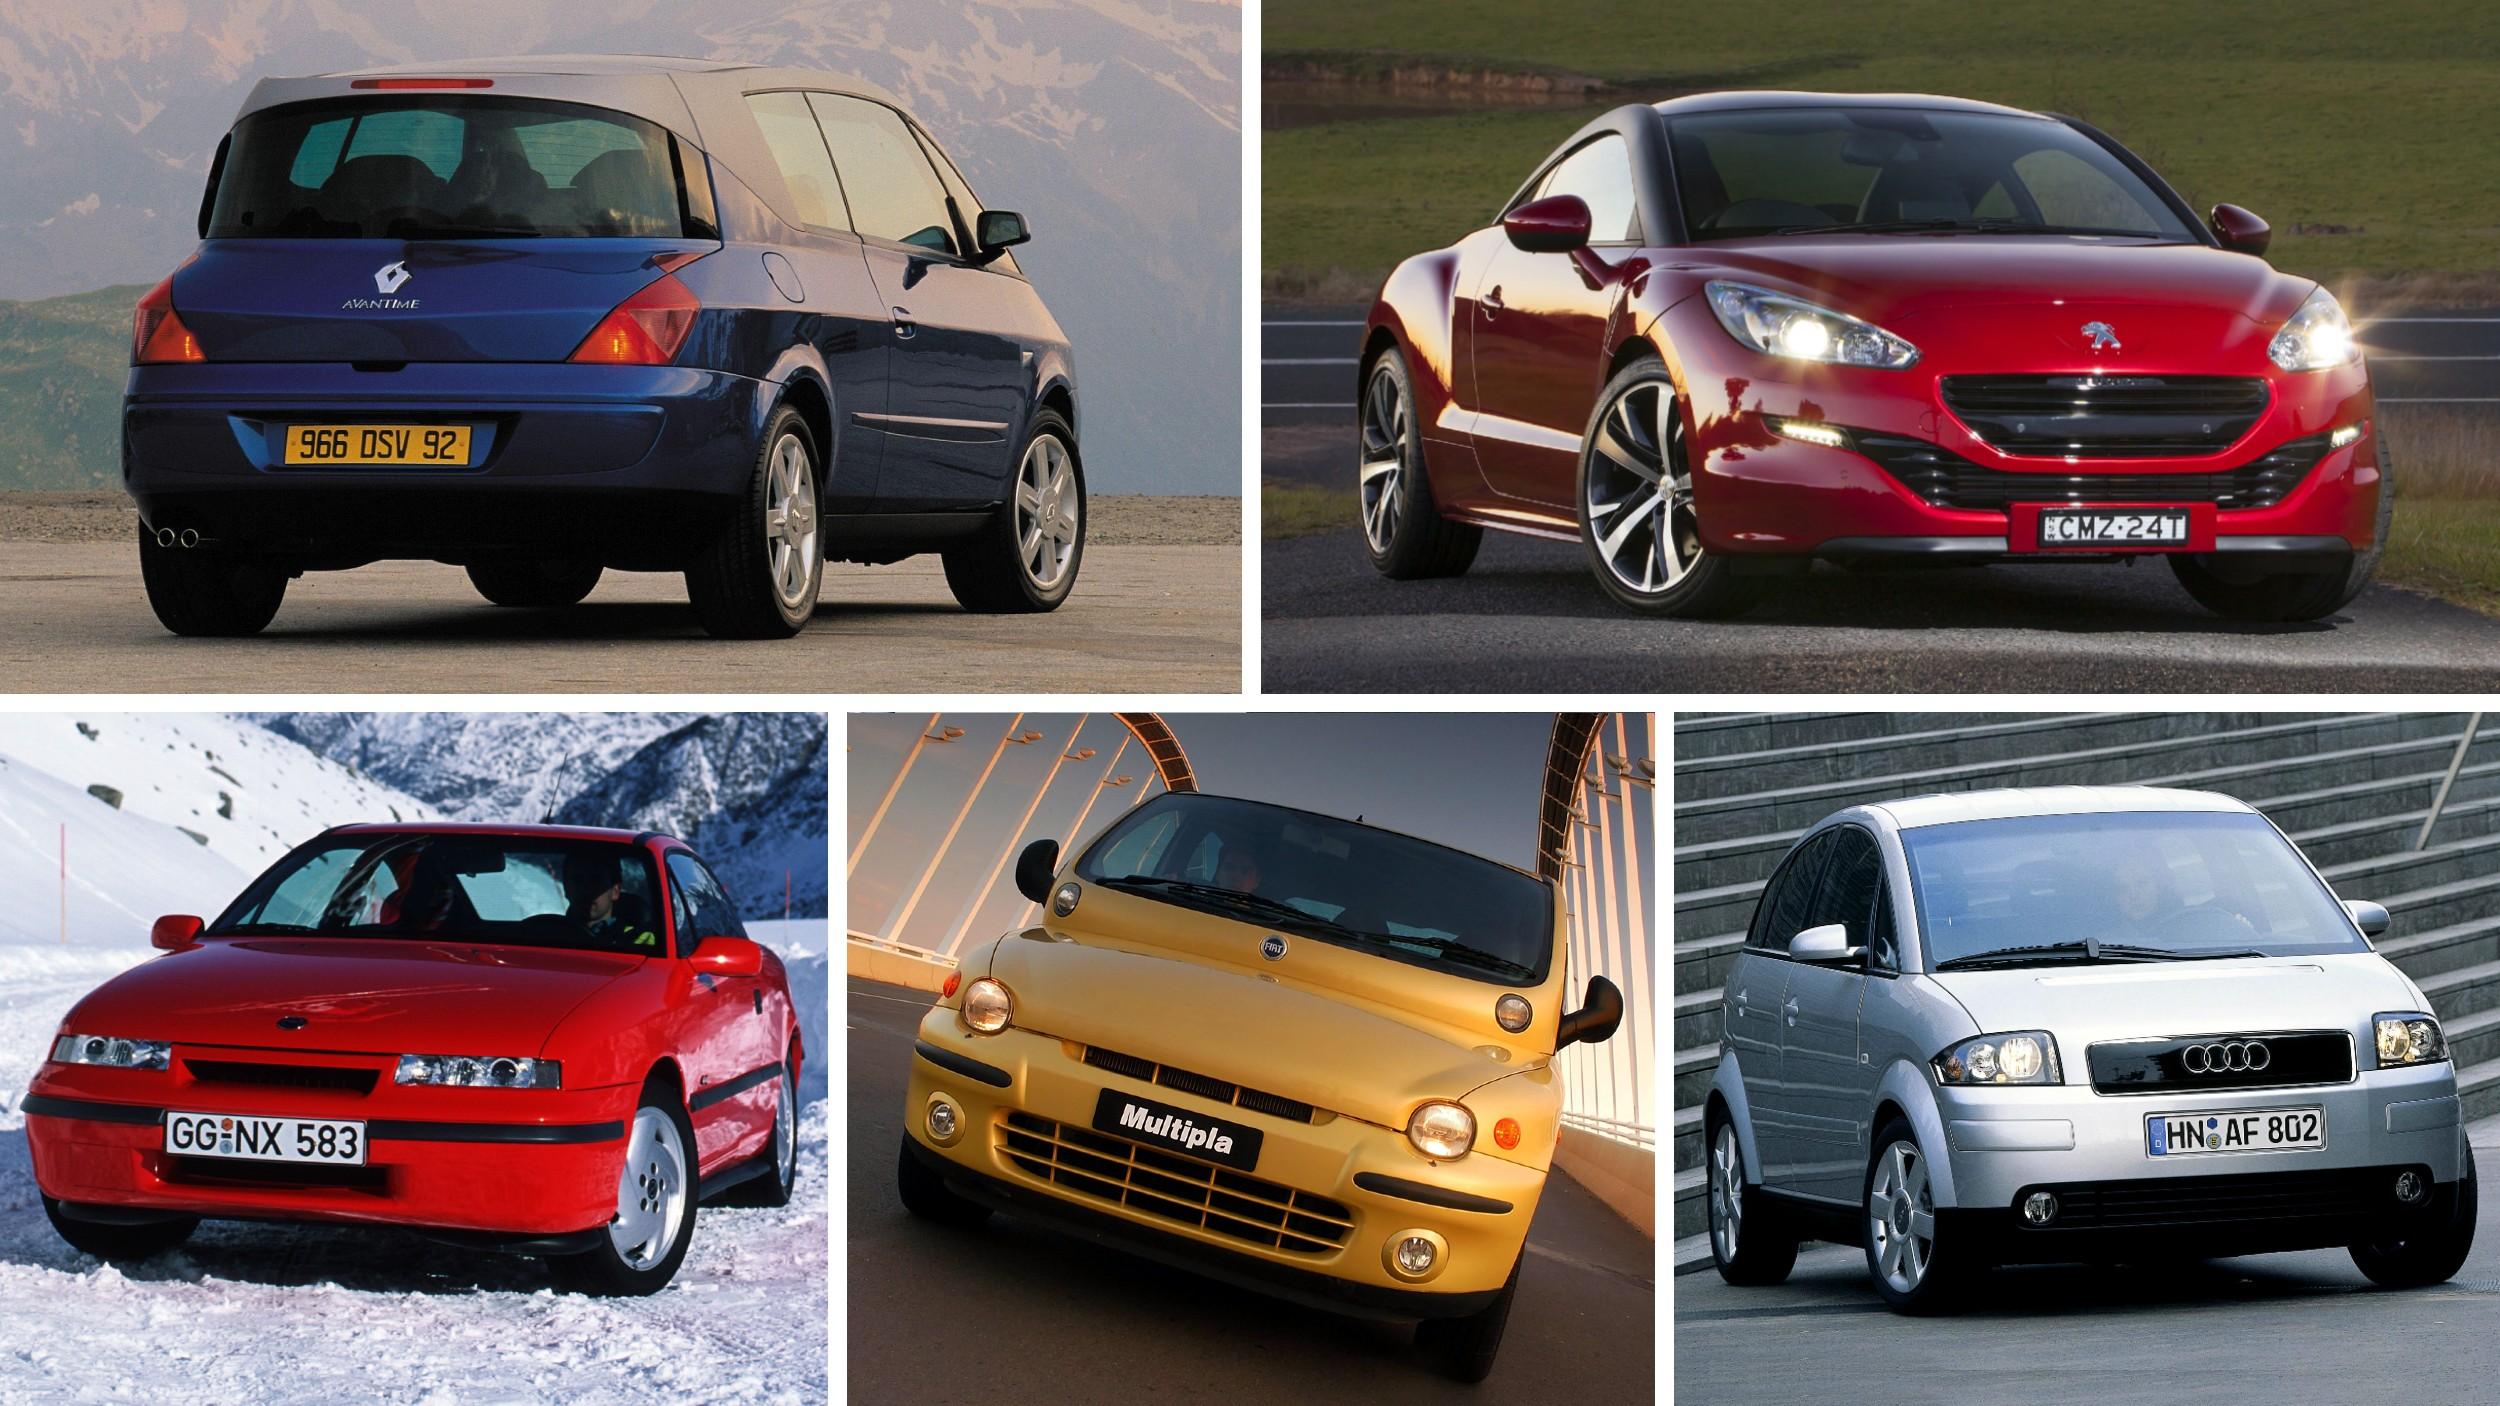 Πέντε αυτοκίνητα που μας άφησαν νωρίς και άξιζαν μιας καλύτερης τύχης! (pics)